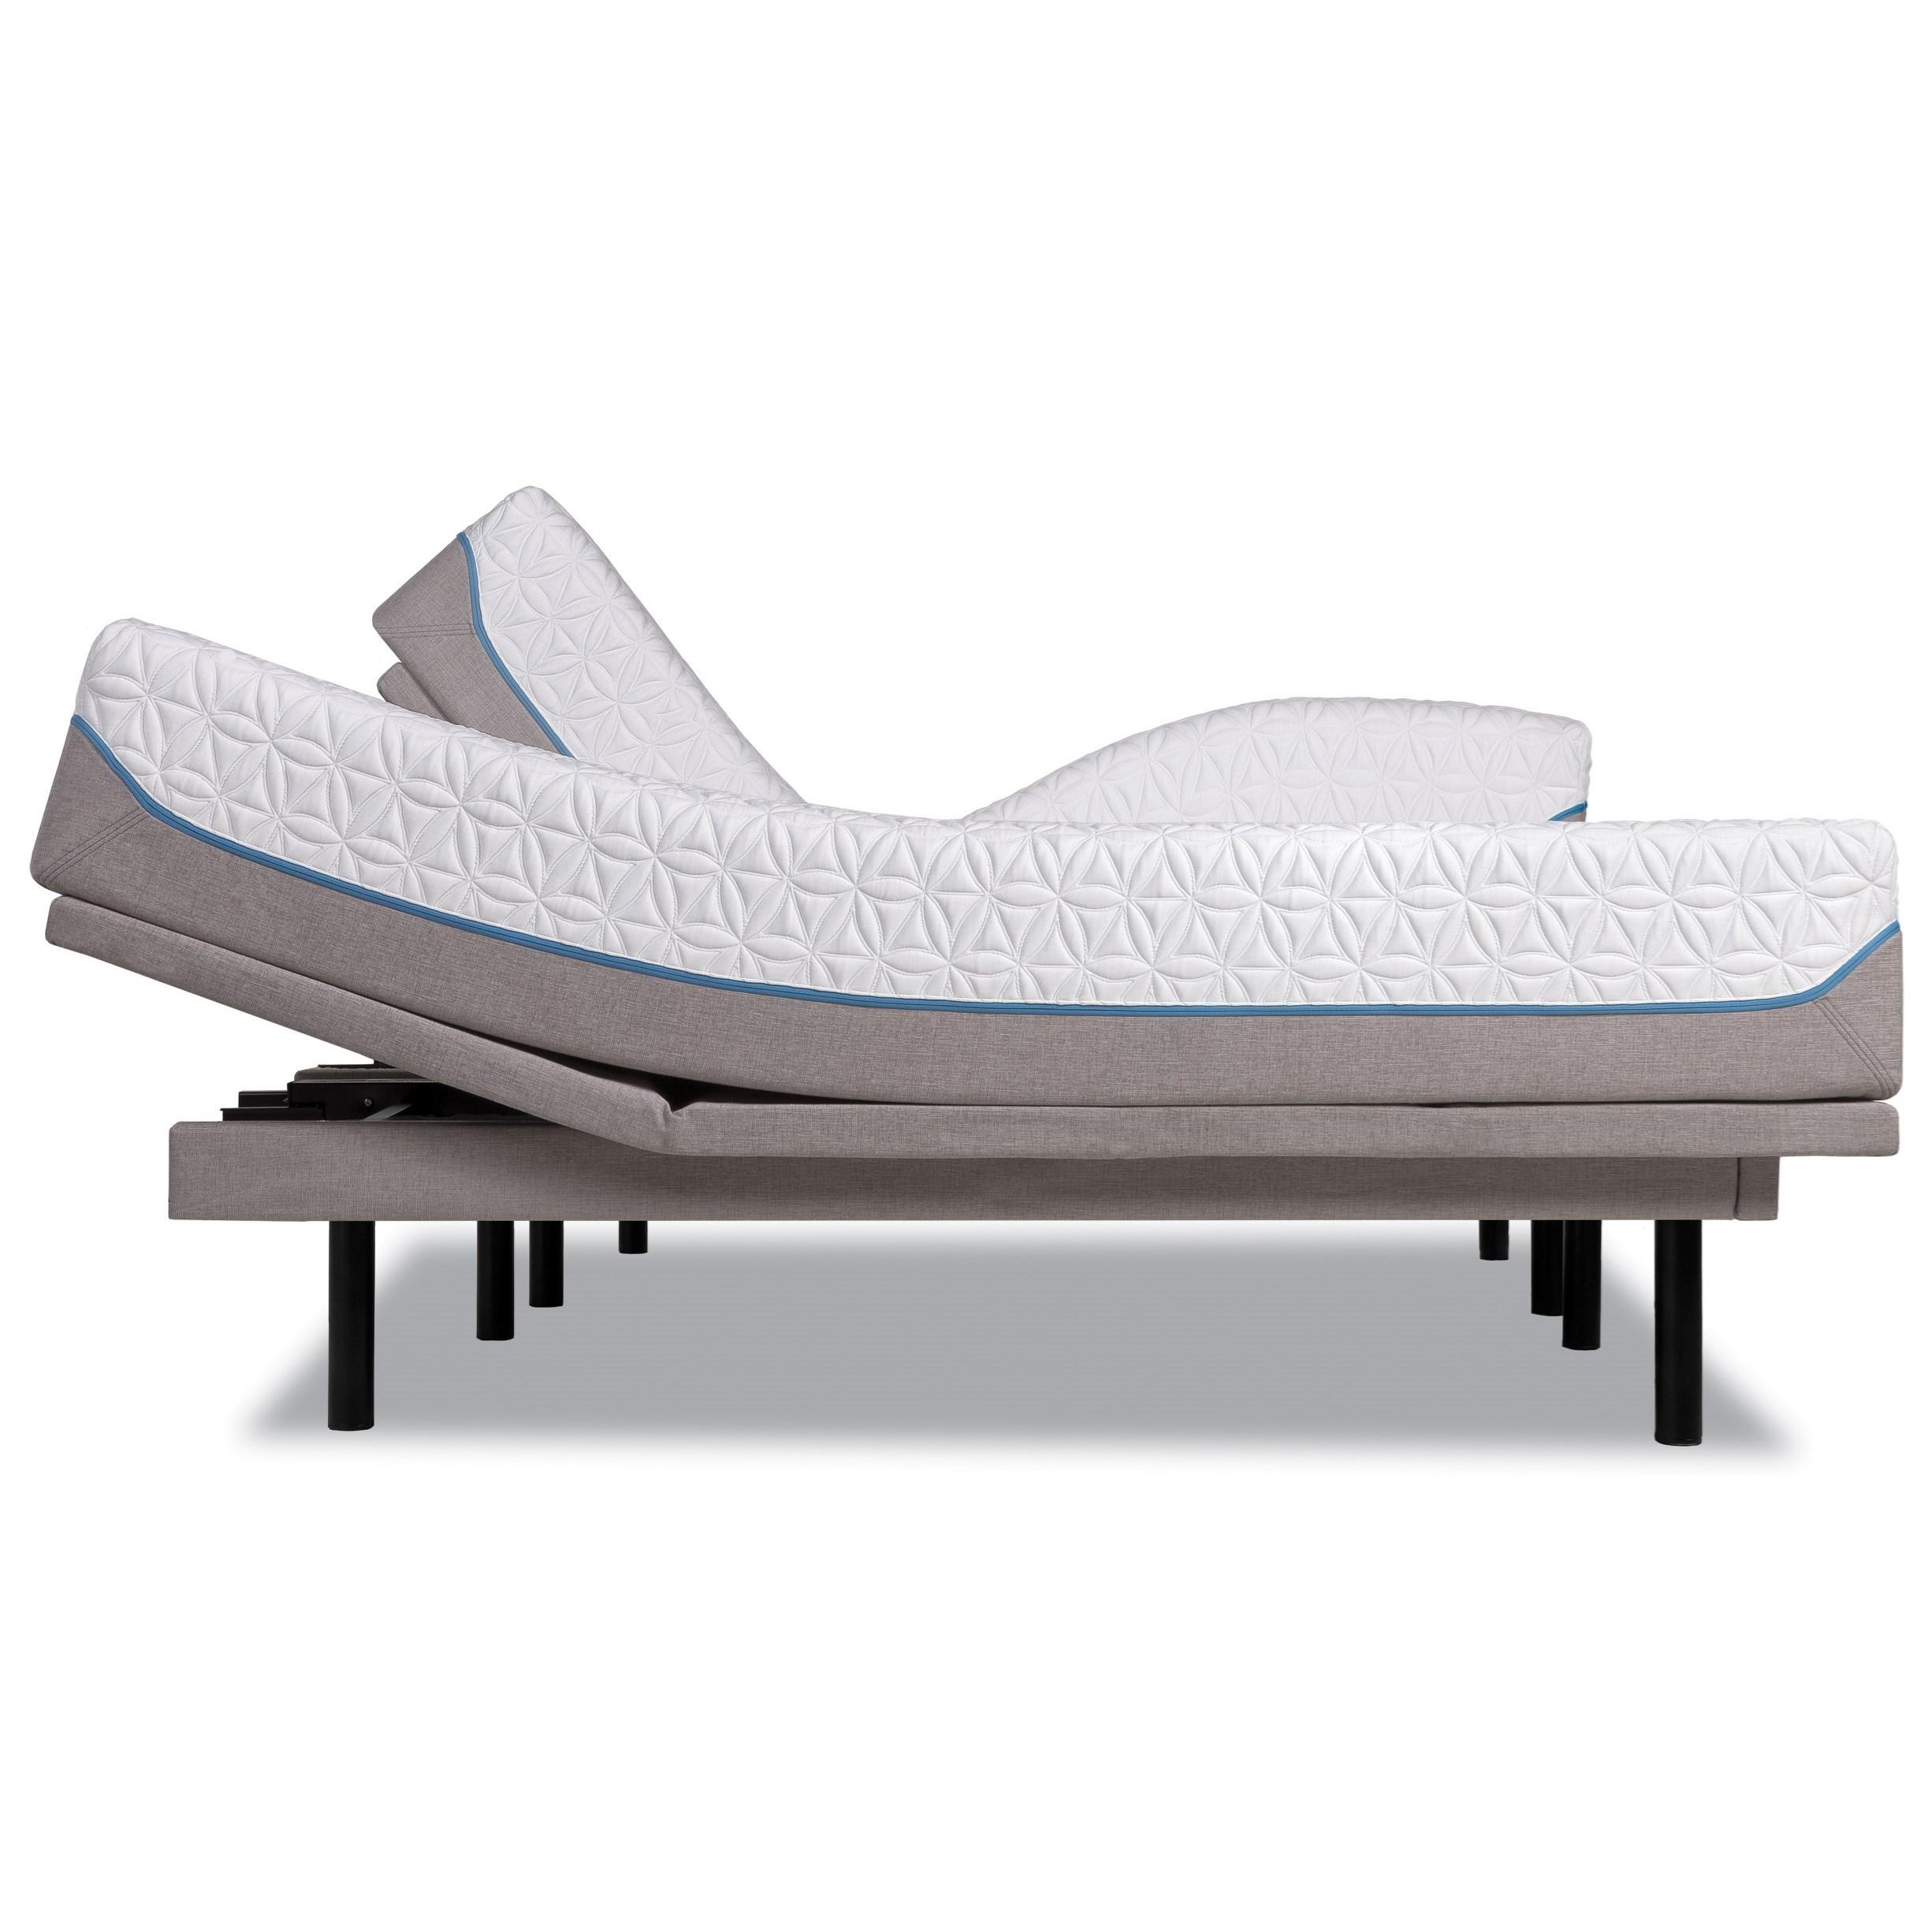 Tempur-Pedic® TEMPUR-Cloud Supreme Full Soft Mattress Set - Item Number: 10240230+25289230